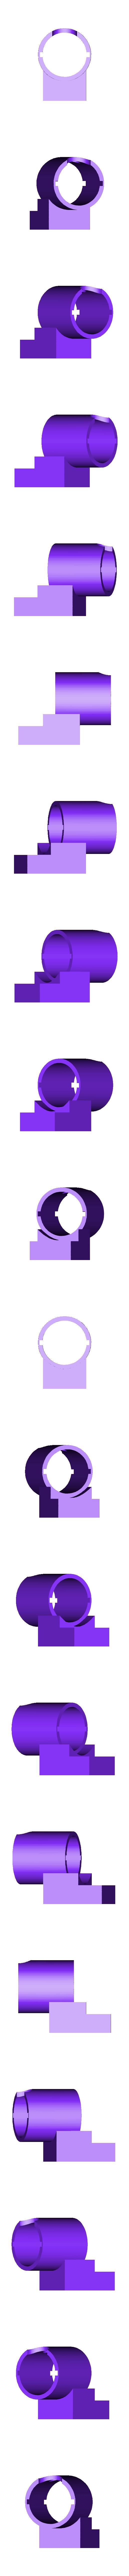 support dyson .stl Descargar archivo STL Soporte de accesorios Dyson V8, V10, V11 • Modelo imprimible en 3D, bouba0808